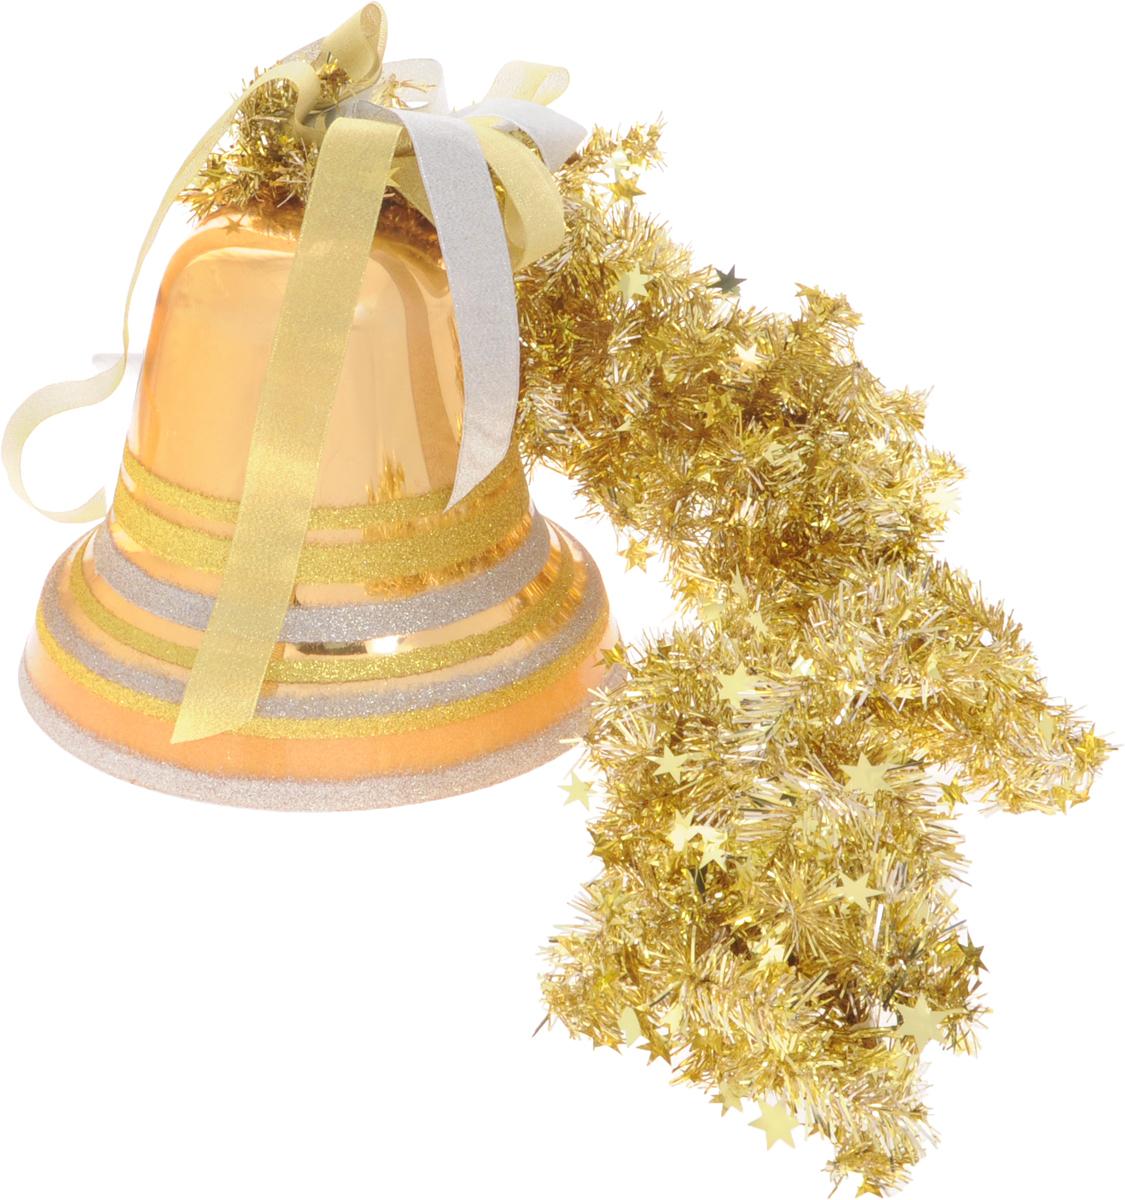 Украшение новогоднее подвесное Weiste Колокол, цвет: золотой, длина 95 смN07502Новогоднее подвесное украшение Weiste Колоколвыполнено из пластика и ПВХ. Изделие оформлено блестками. С помощью мишурыукрашение можно повесить в любом понравившемся вам месте. Елочная игрушка - символ Нового года. Она несет в себе волшебство и красоту праздника.Создайте в своем доме атмосферу веселья и радости, украшая новогоднюю елку наряднымиигрушками, которые будут из года в год накапливать теплоту воспоминаний. Размер колокольчика: 25 х 25 х 21 см. Общая длина: 95 см.